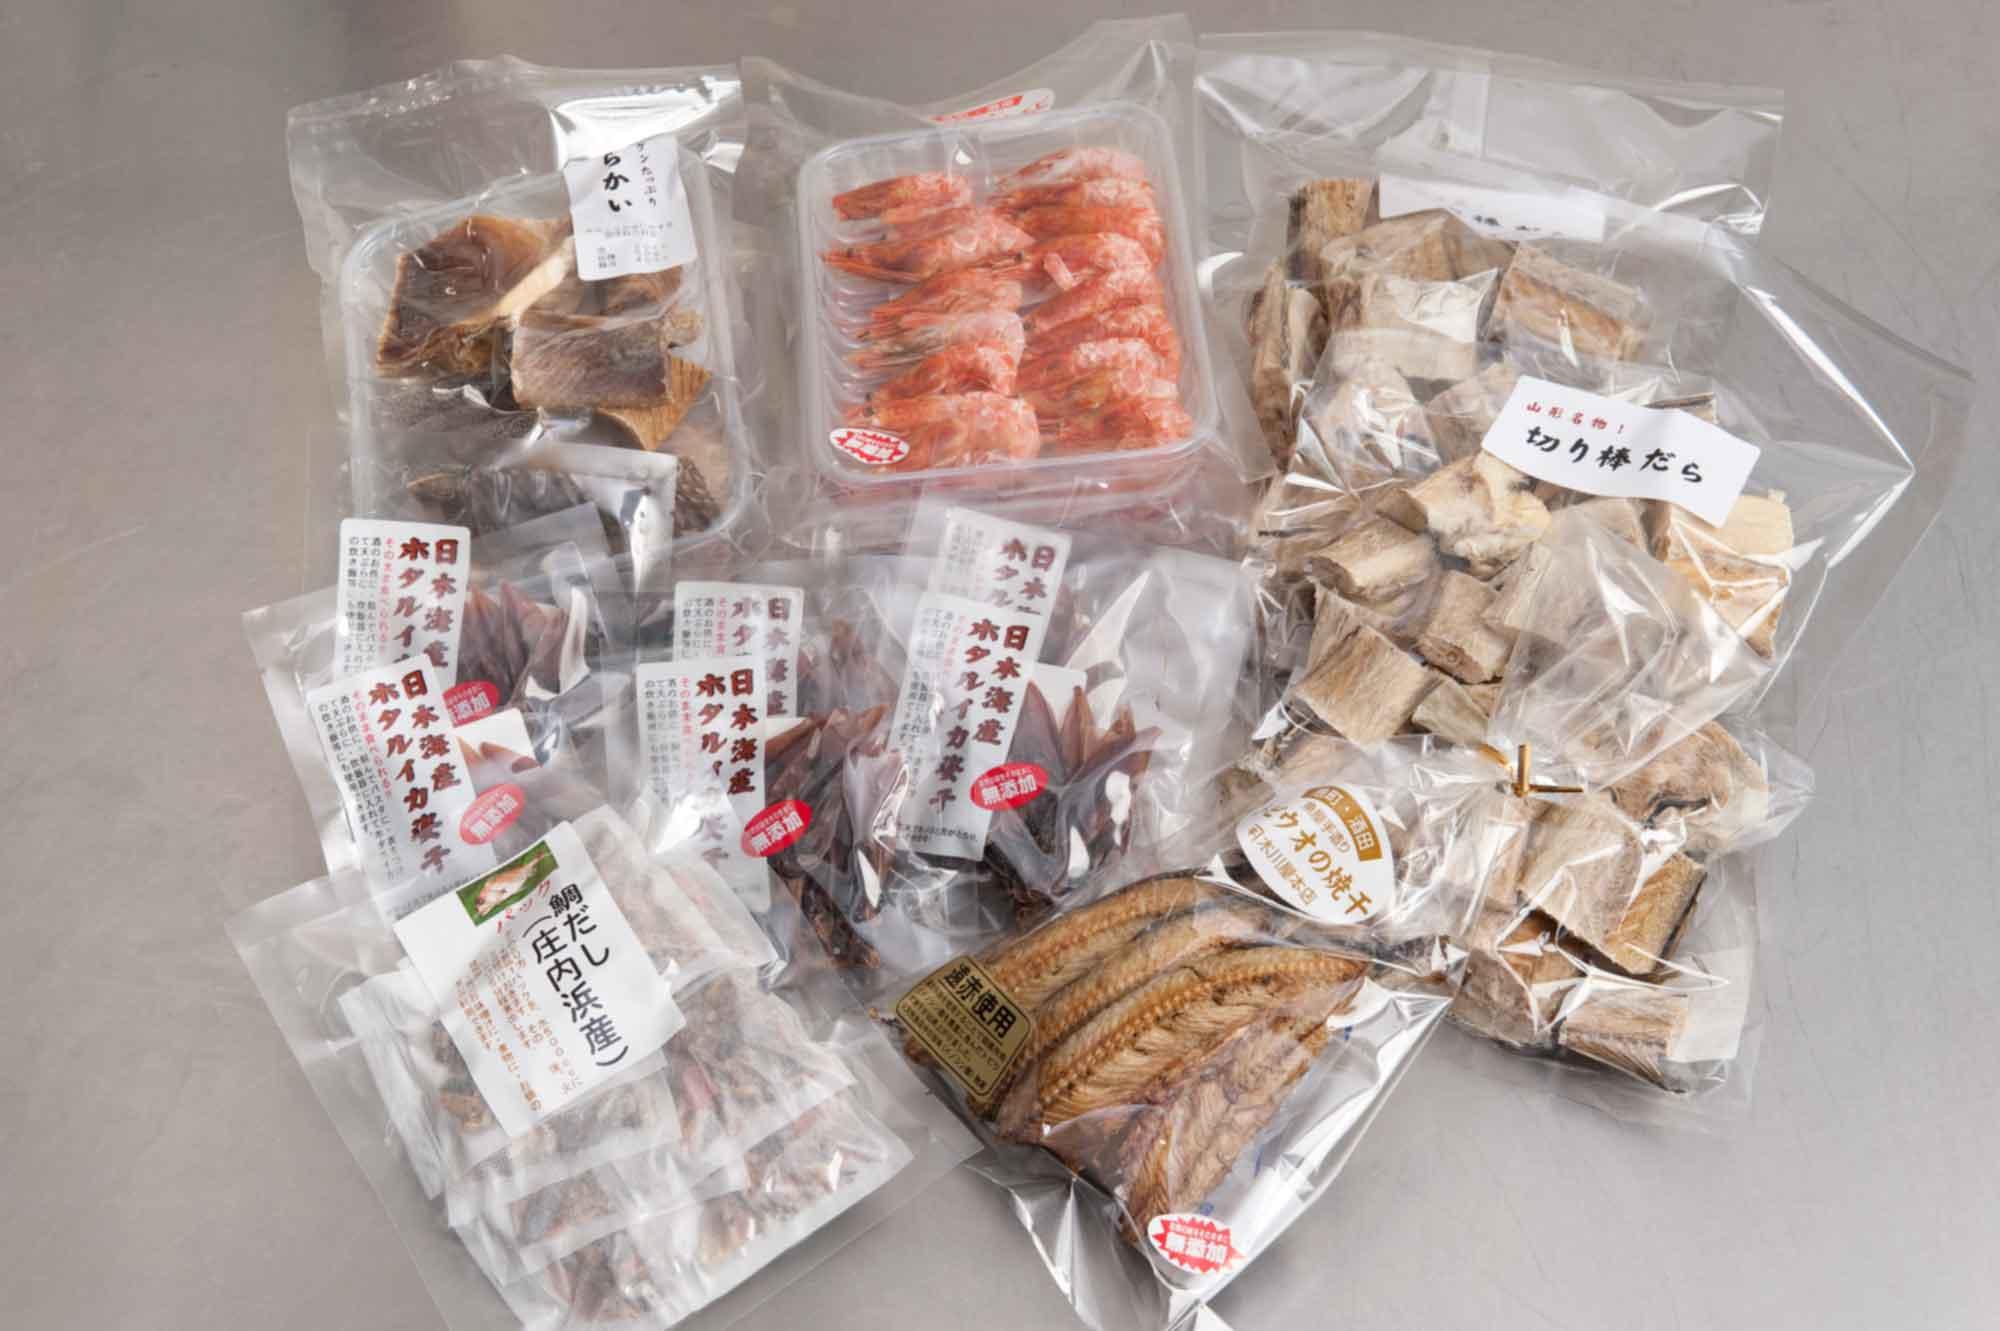 山形県アンテナショップおいしい山形 つくり手を訪ねて|有限会社木川屋本店:化学保存料や化学調味料等を使用せず、体にやさしく、おいしい食品をお届けしています。